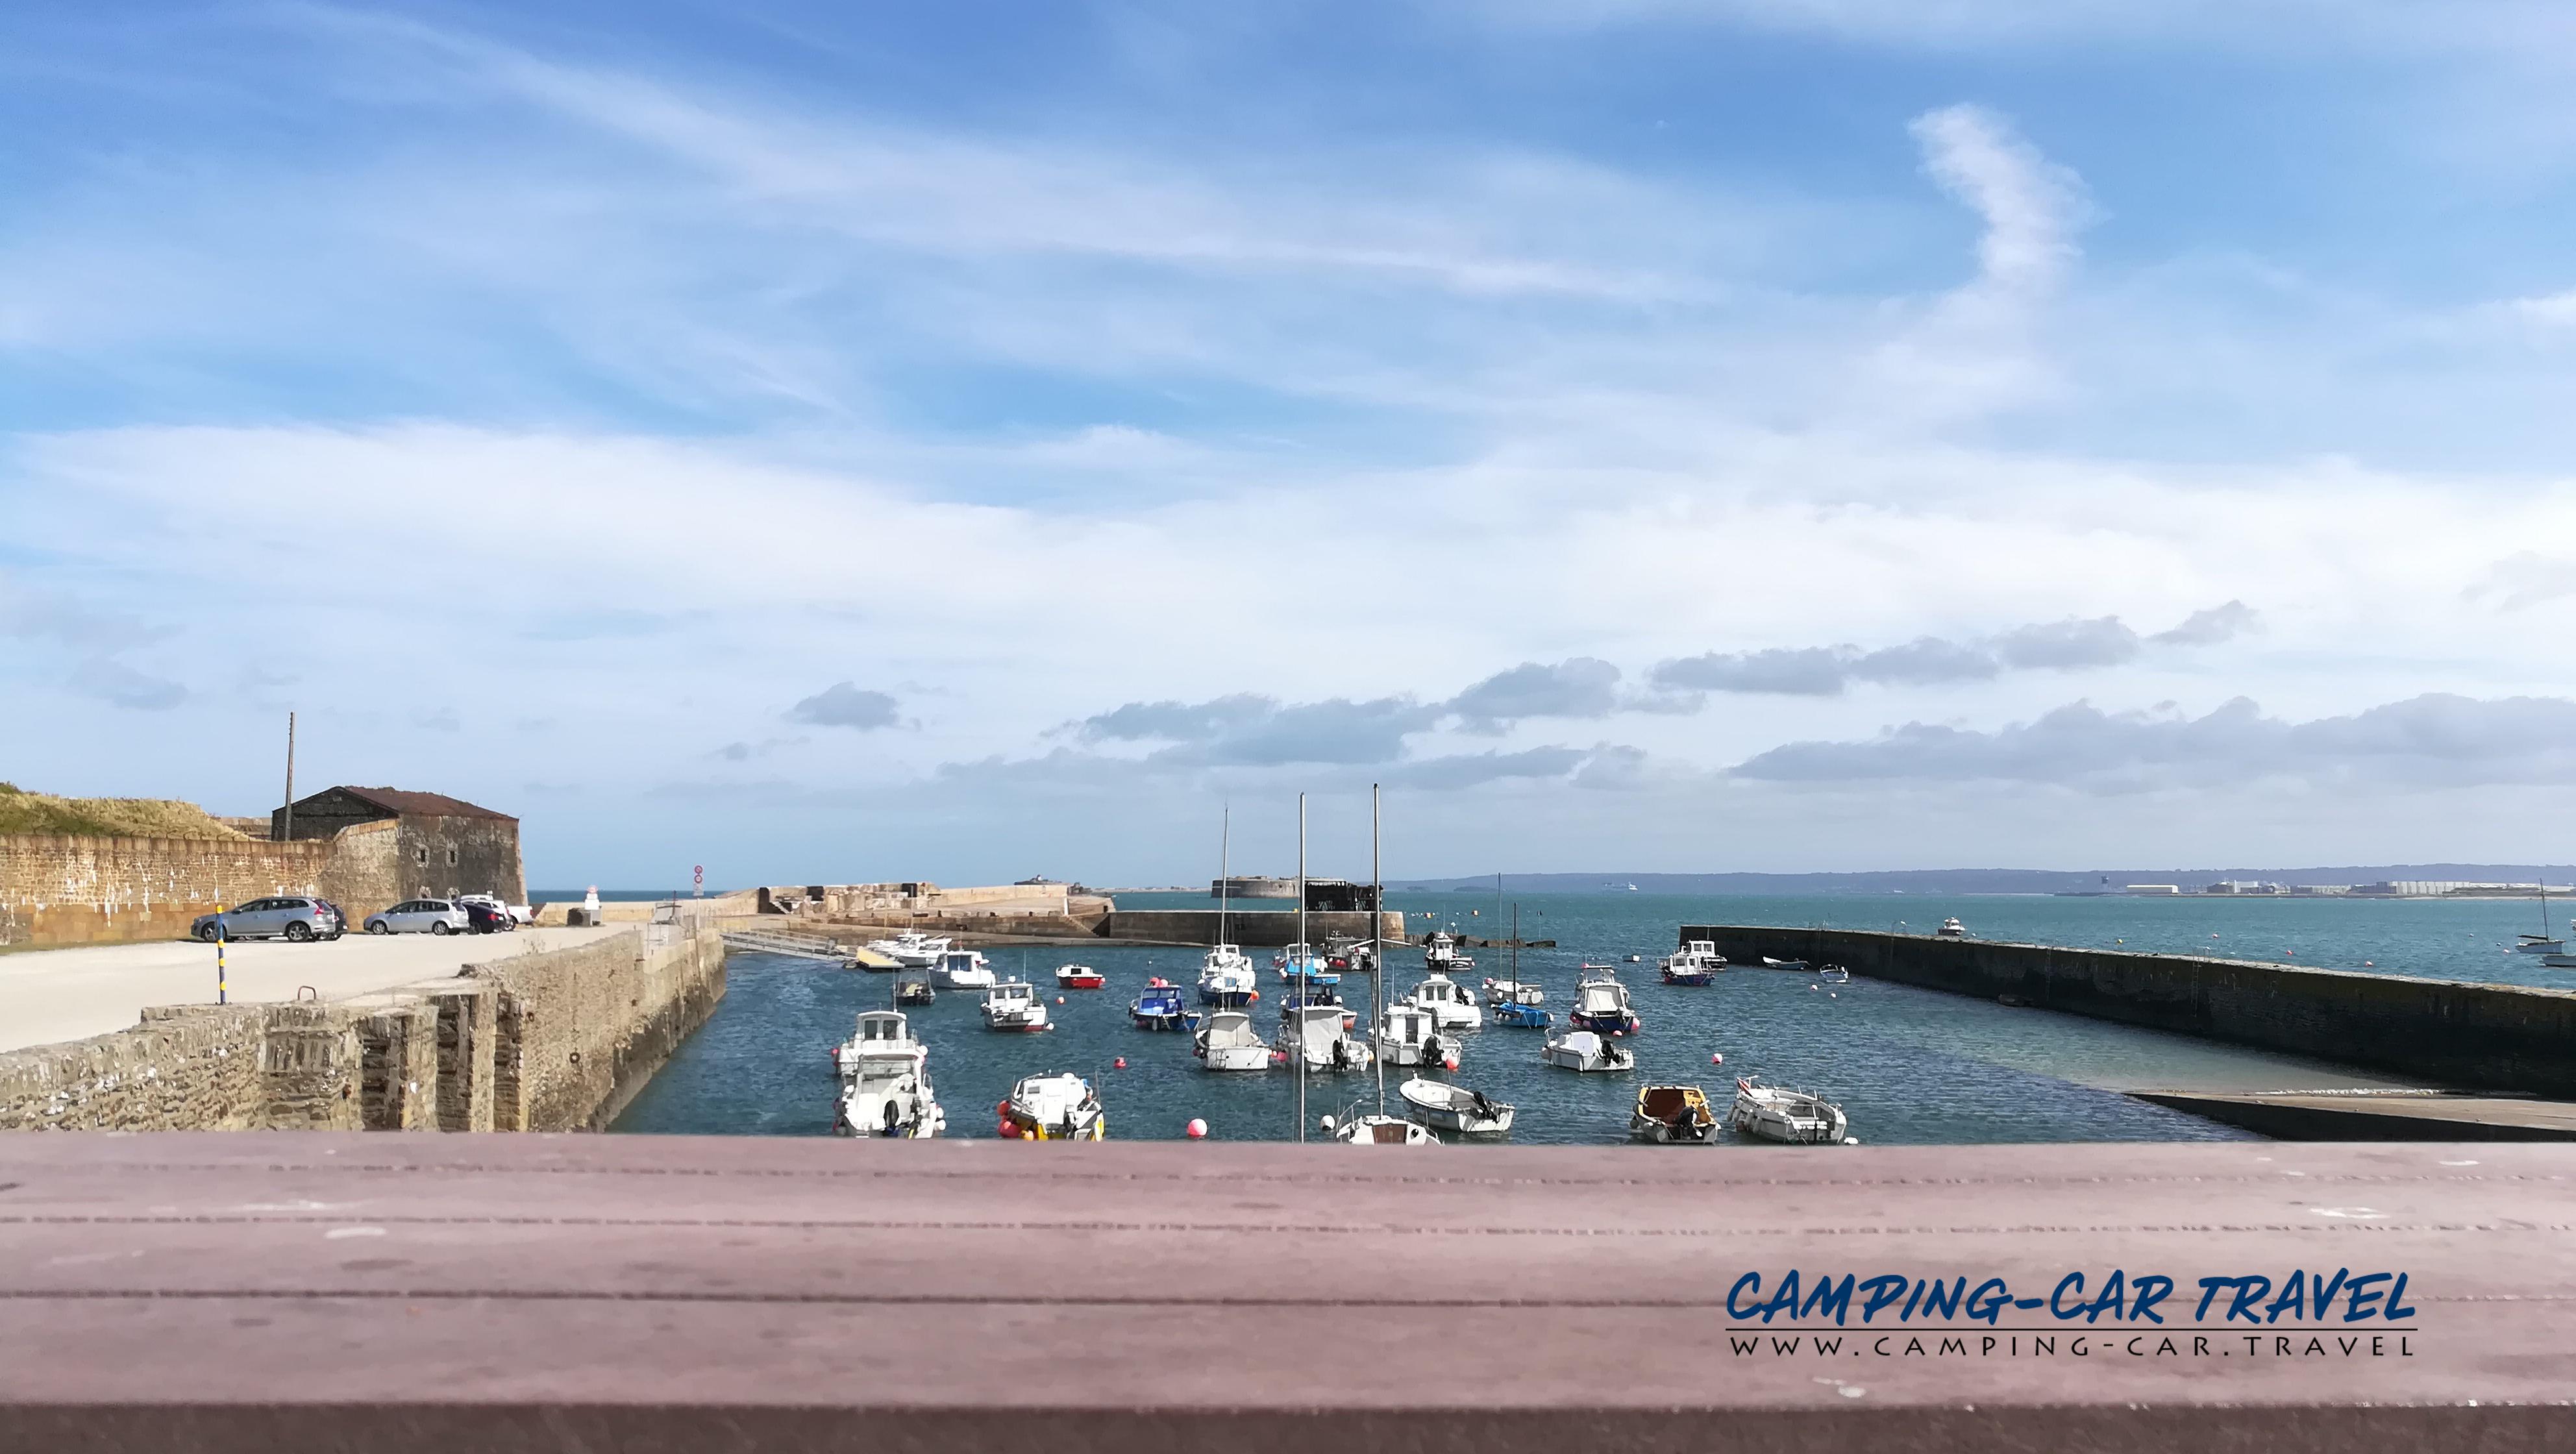 aire services camping car Pointe de Querqueville Manche Normandie